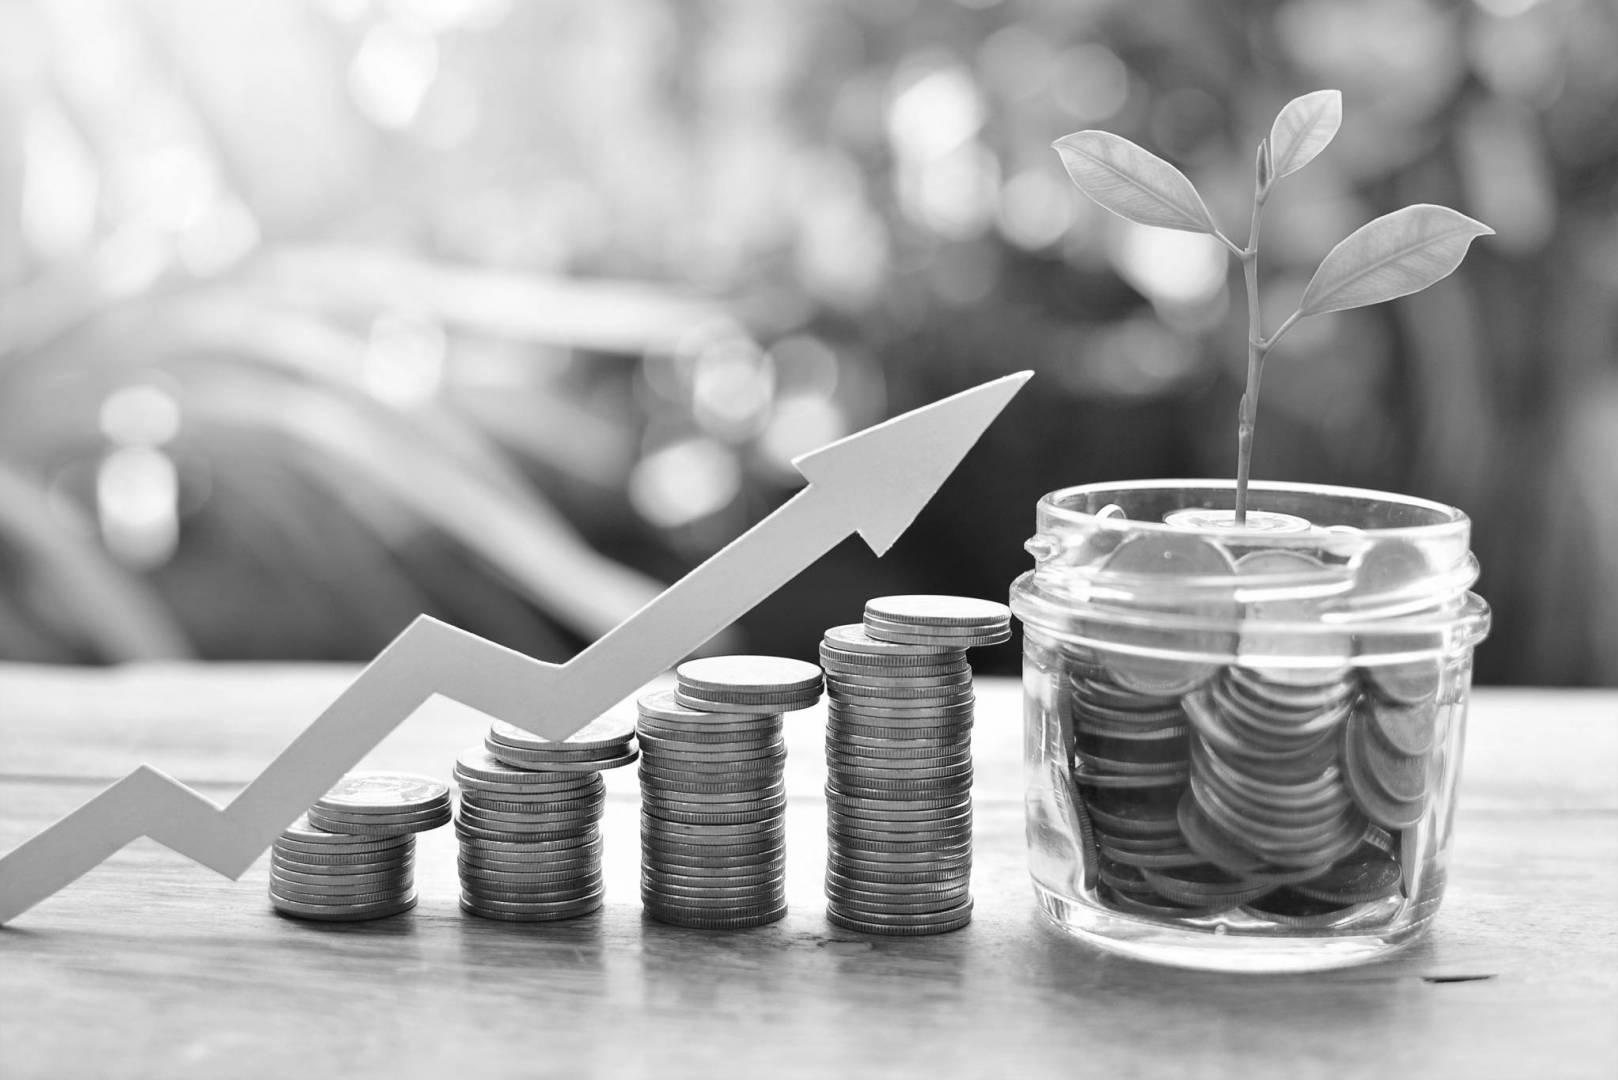 هكذا حققت صناديق الاستثمار أرباحاً مع تمسكها بـ«الاستدامة»